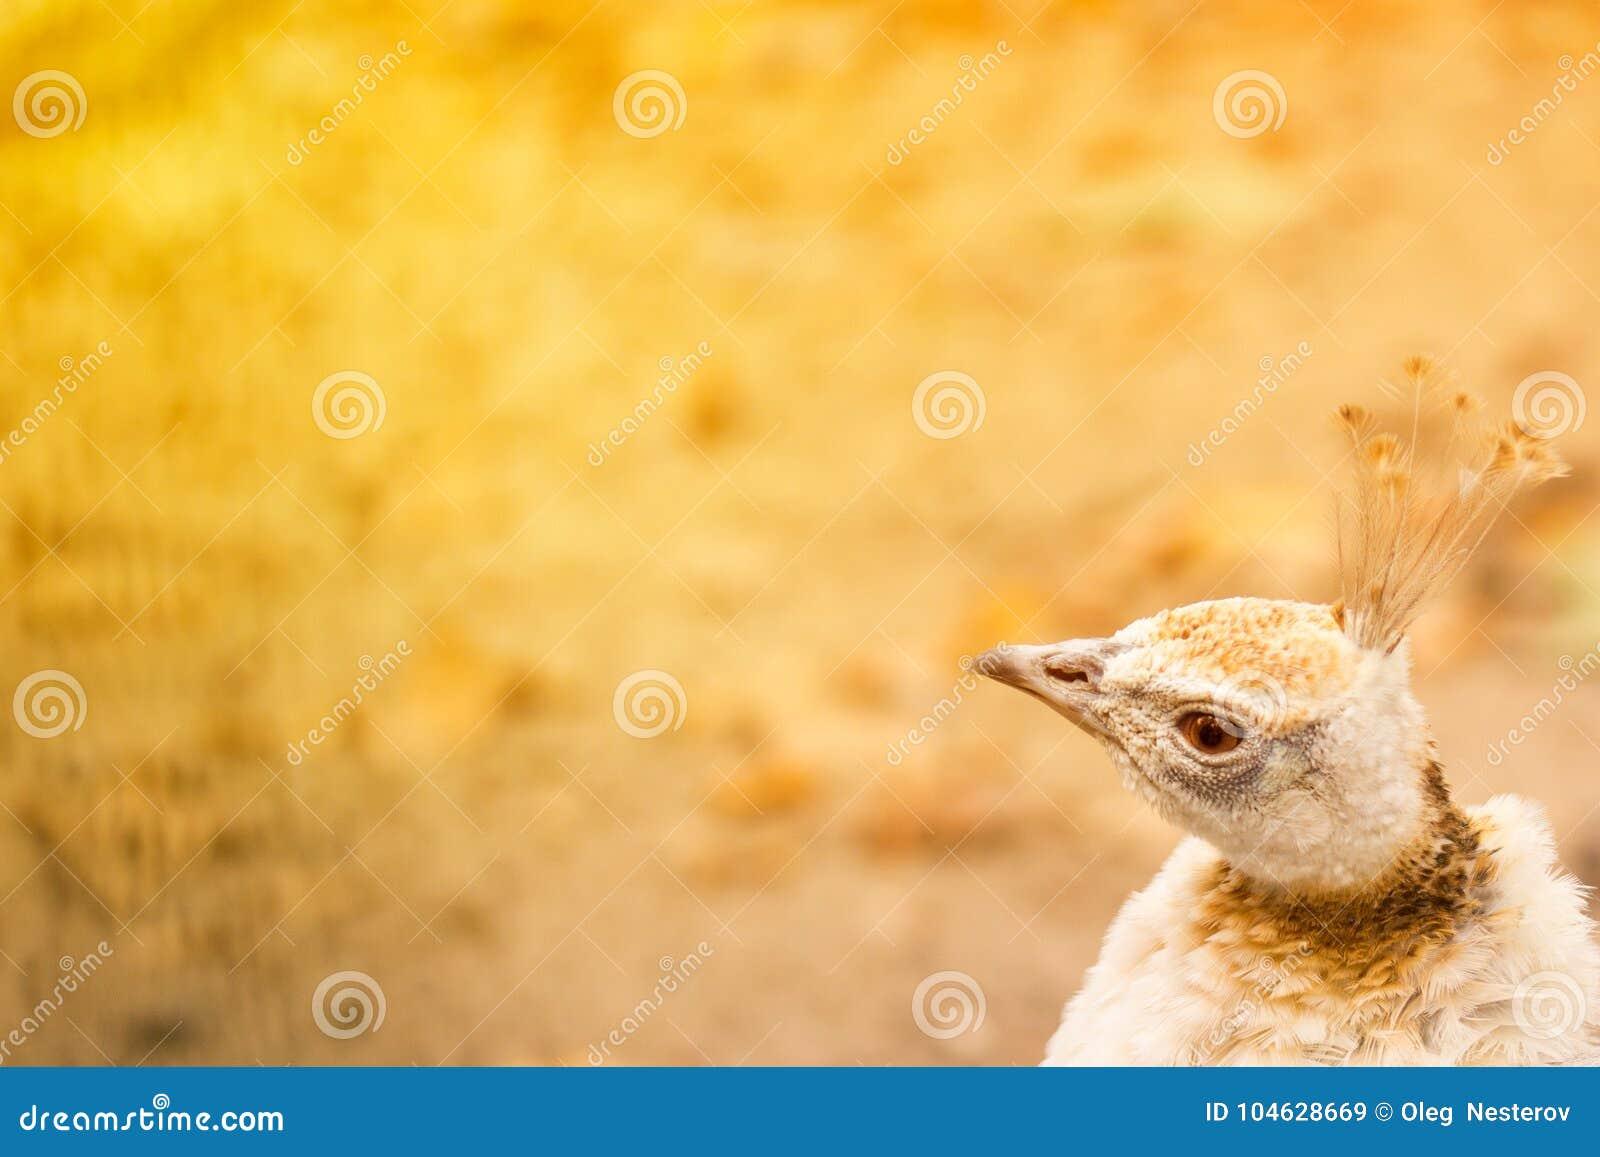 Download Mooie Exotische Vogel Op Een Heldere Warme Achtergrond Stock Afbeelding - Afbeelding bestaande uit exemplaar, helder: 104628669